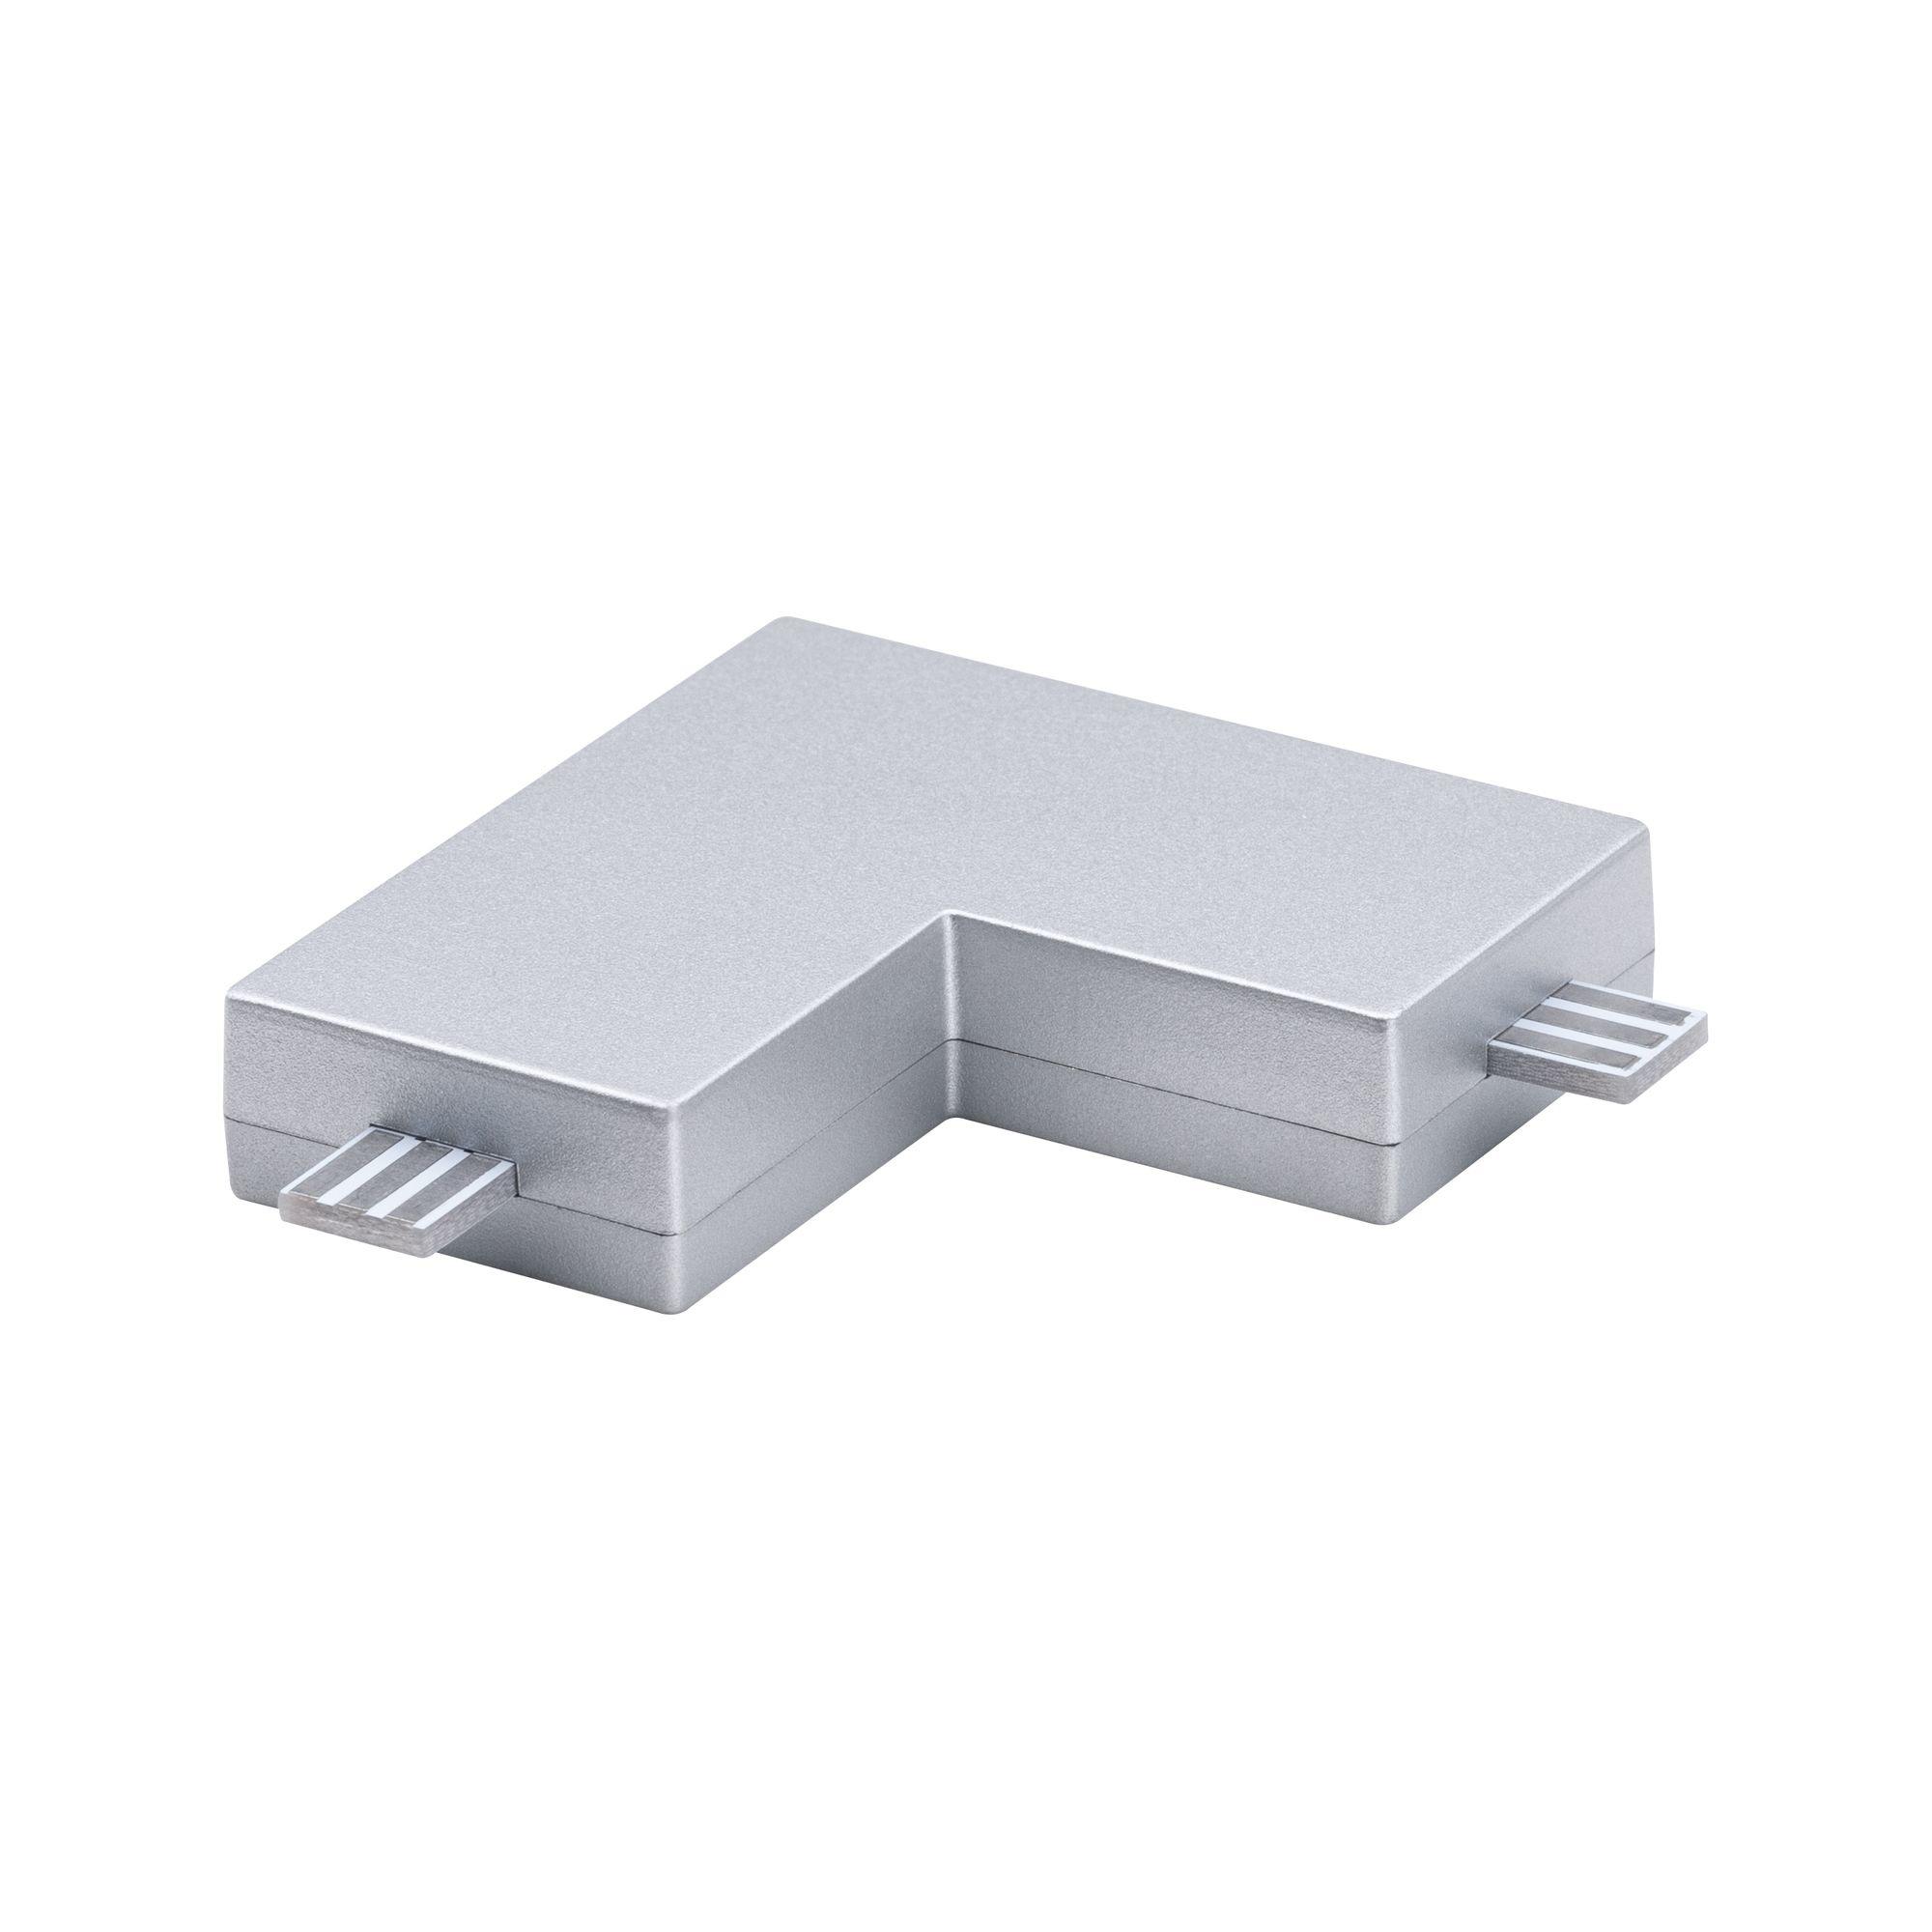 Paulmann Möbelleuchten Clever Connect Eck-Verbinder Barre Chrom matt 12V